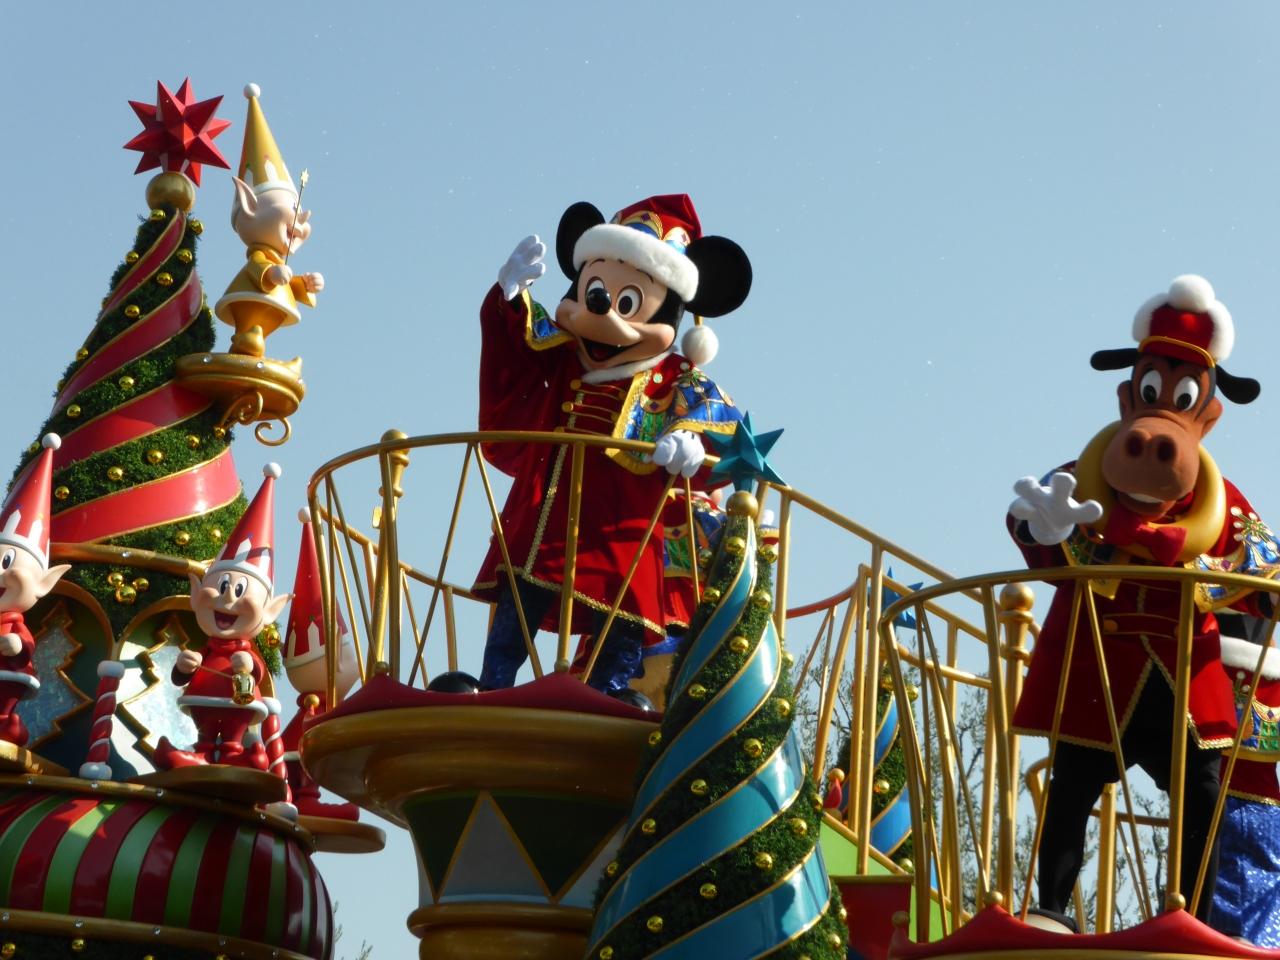 ディズニー・クリスマス2013&club33』東京ディズニーリゾート(千葉県